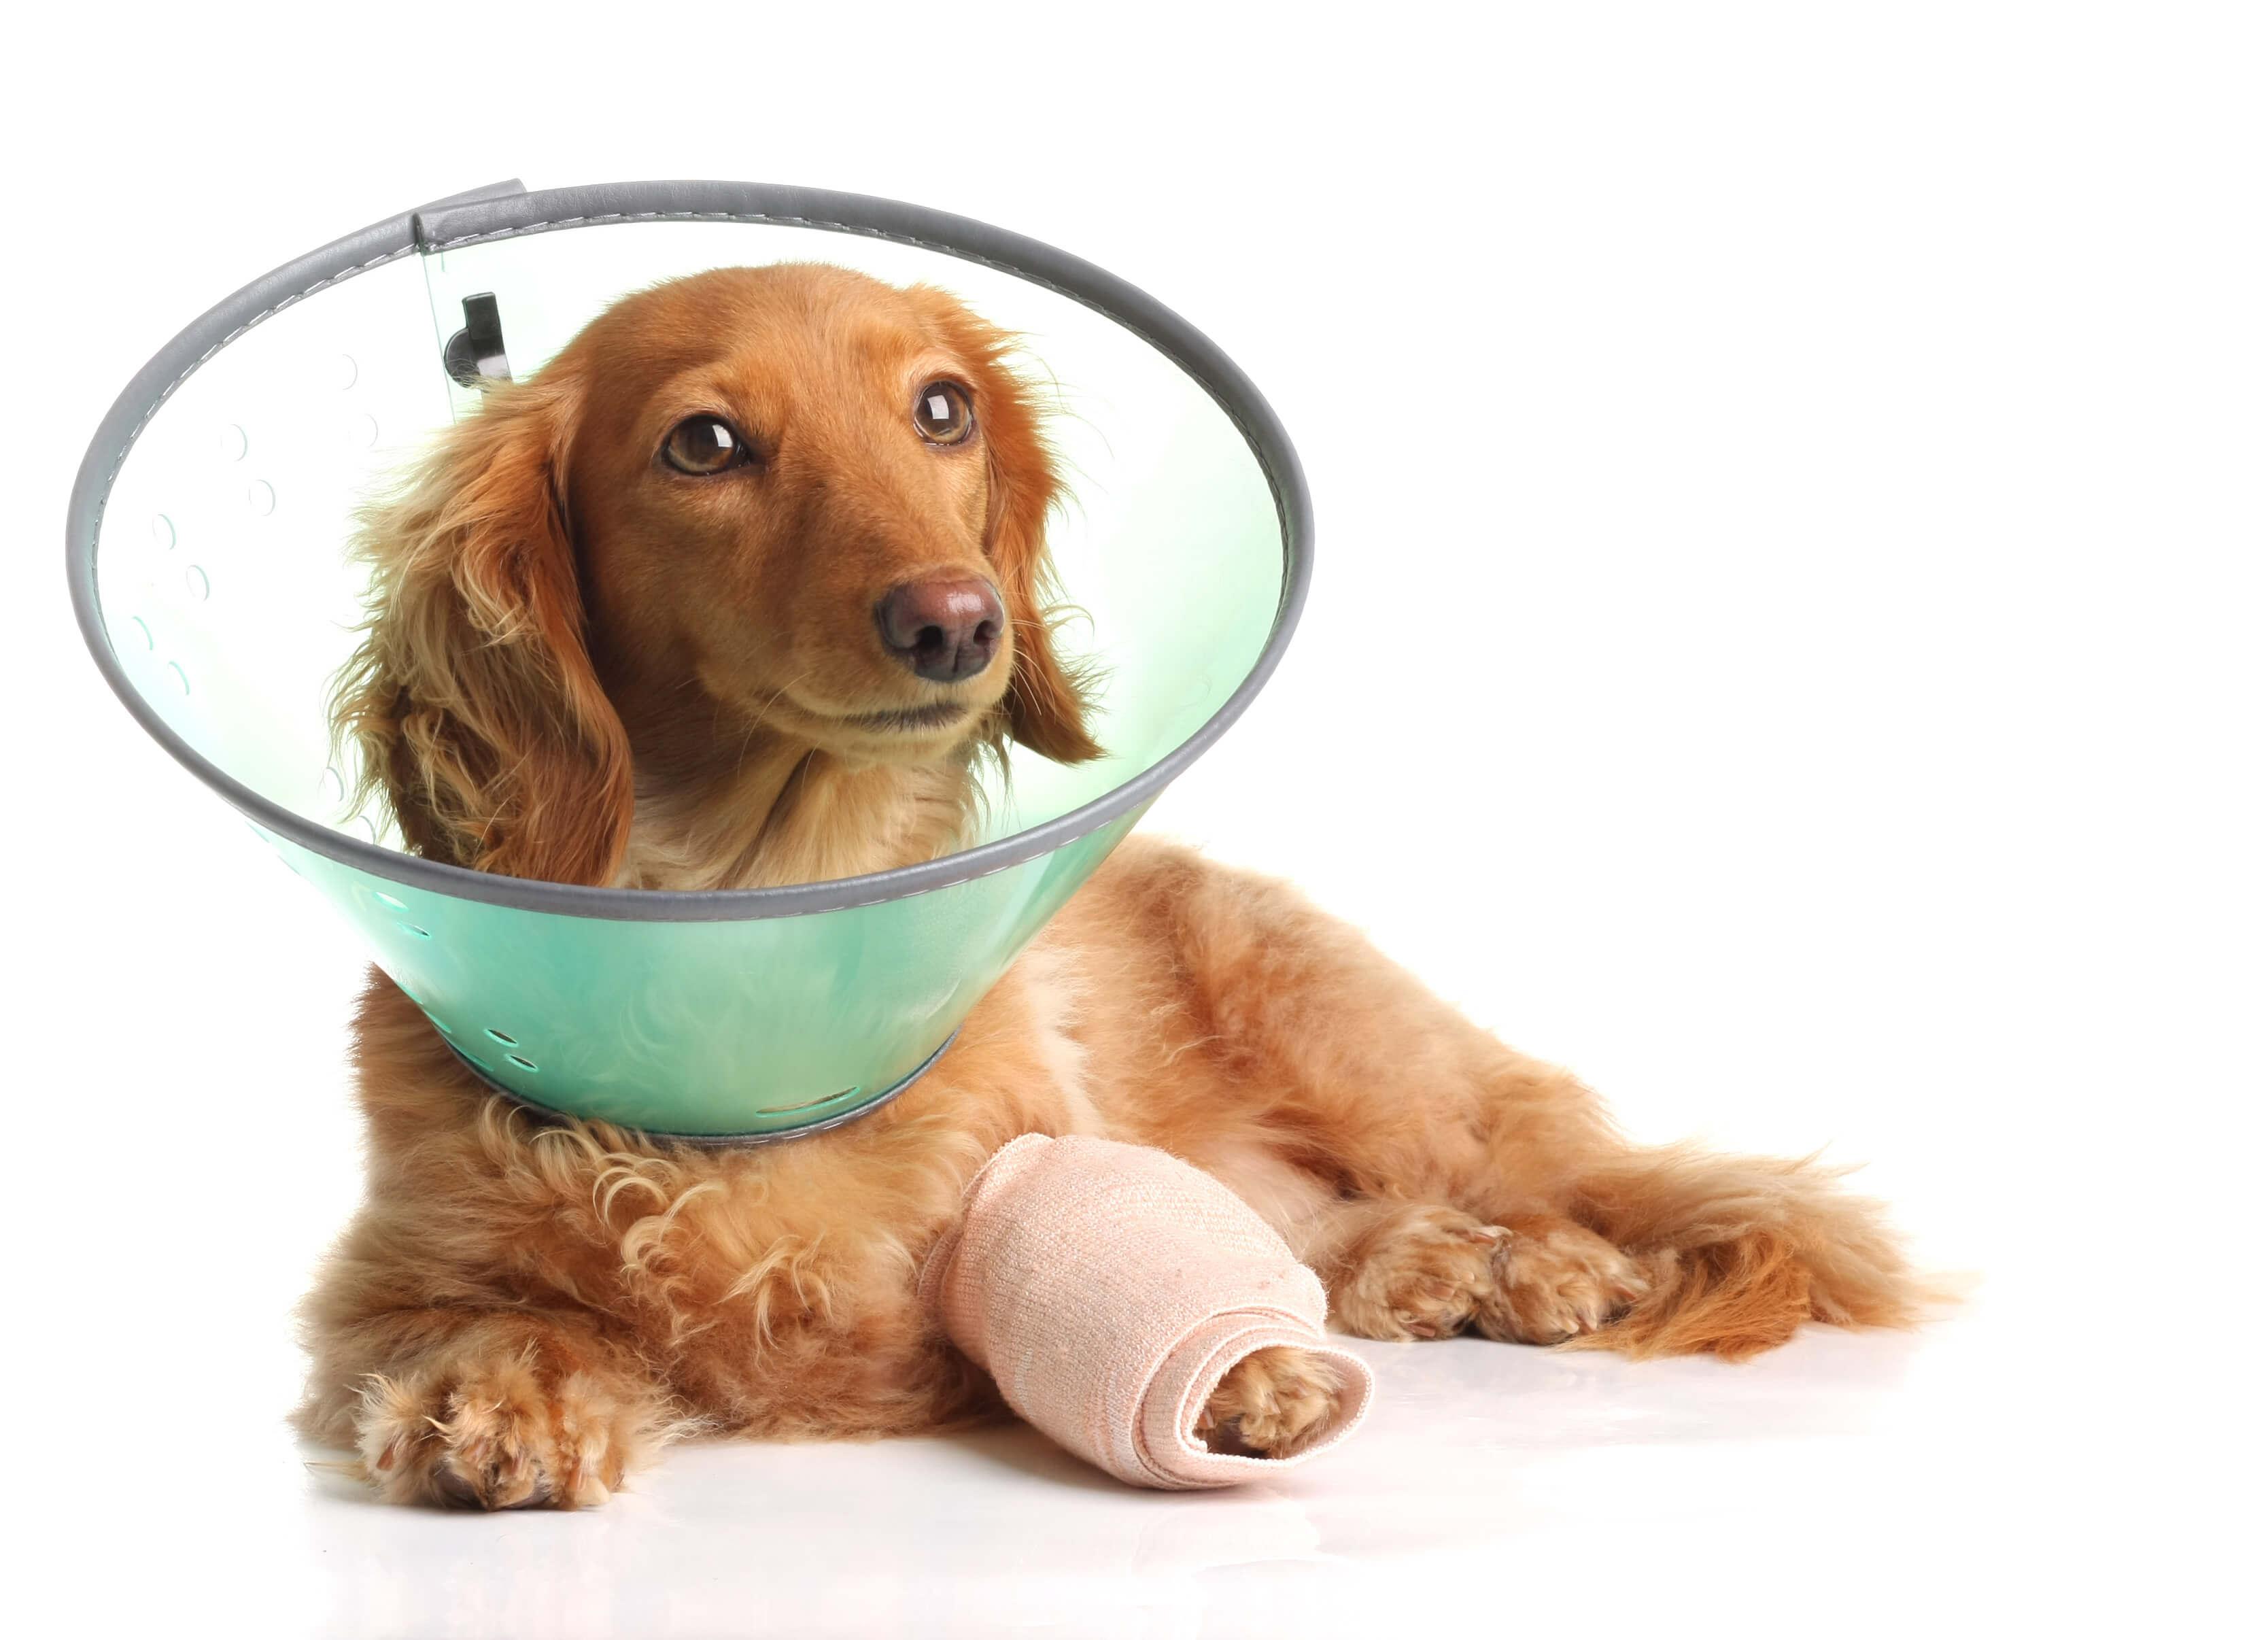 Un chien roux porte un collier et un bandage au niveau de sa patte avant gauche